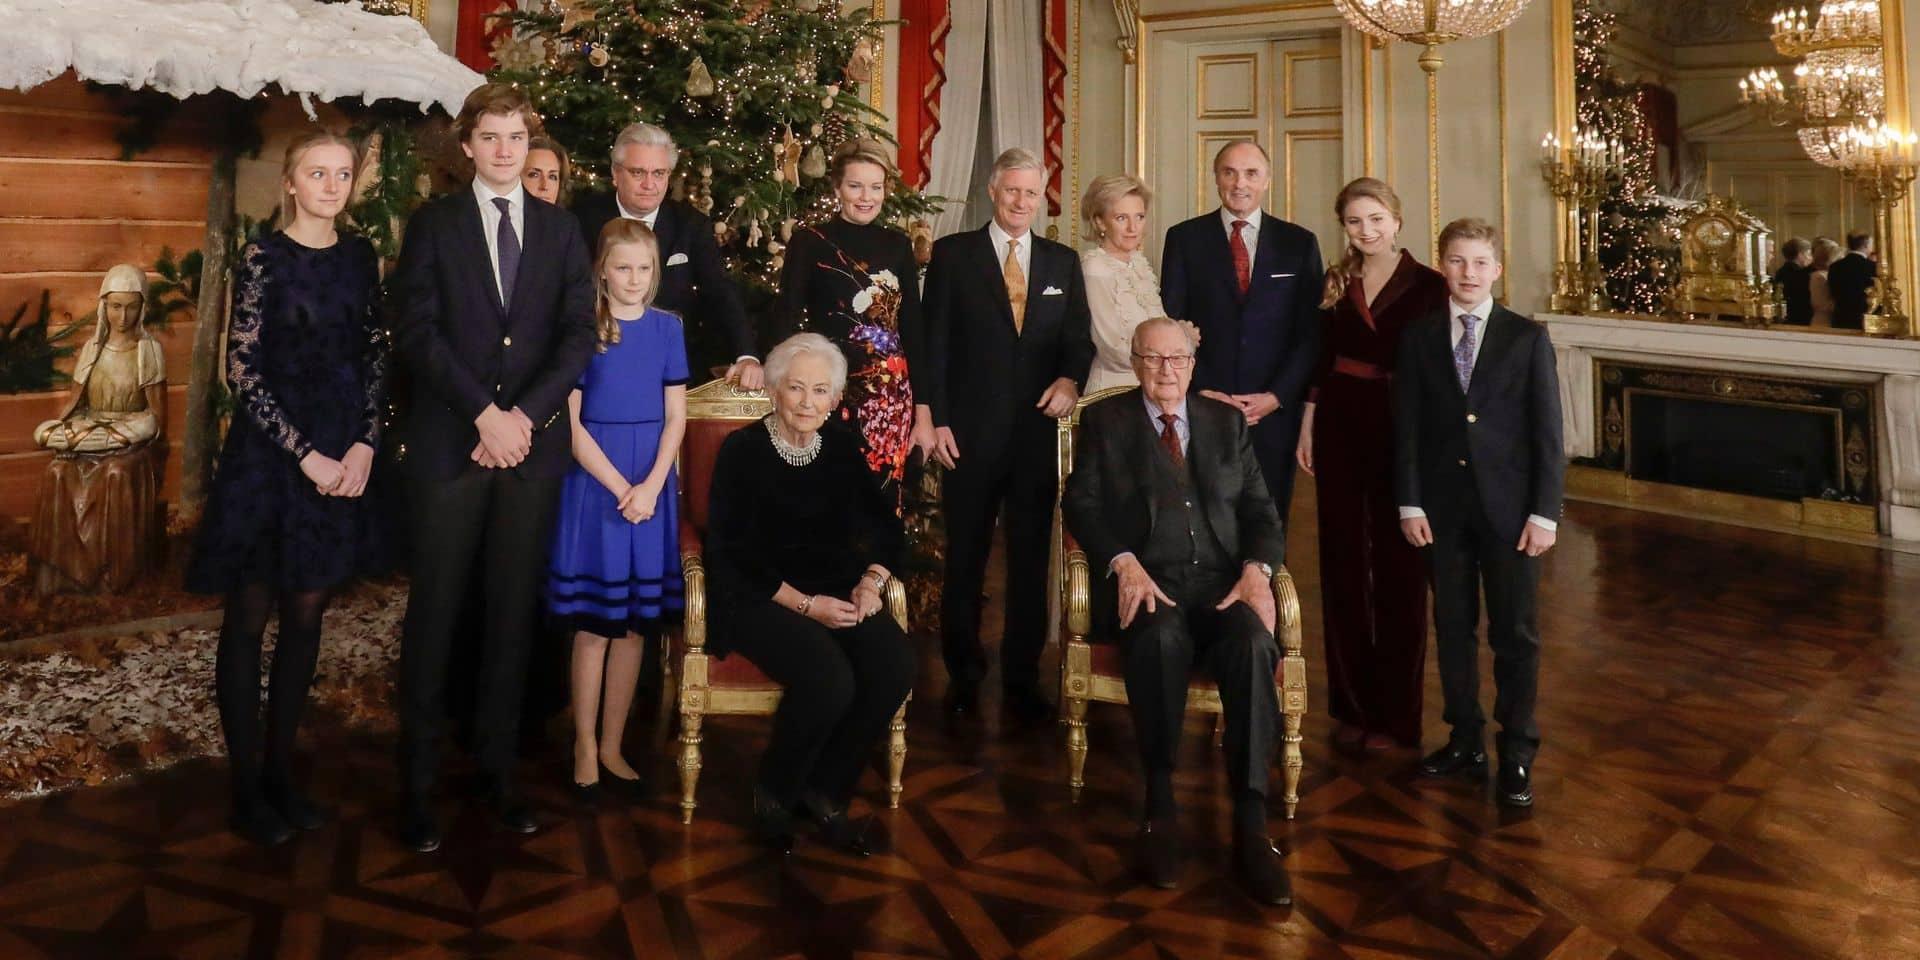 Concert de Noël: la famille royale au grand complet